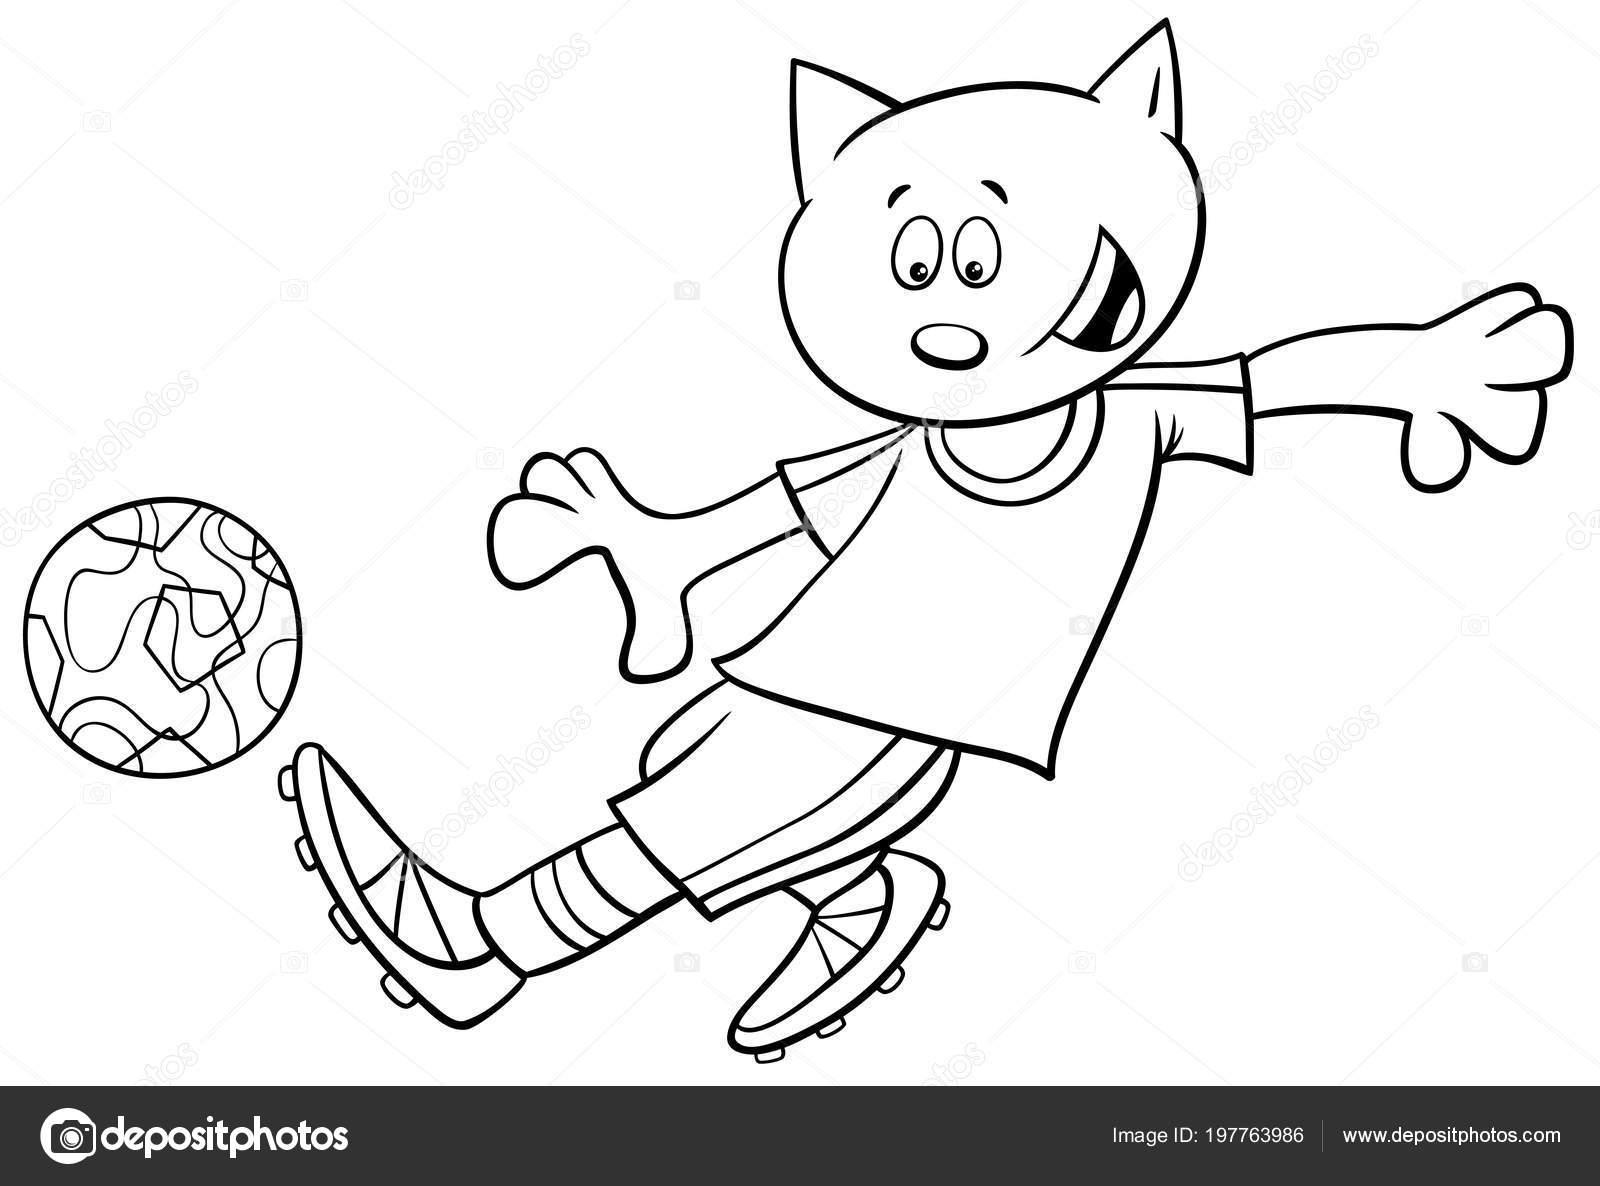 Schwarz Weiss Cartoon Illustrationen Katze Fussball Oder